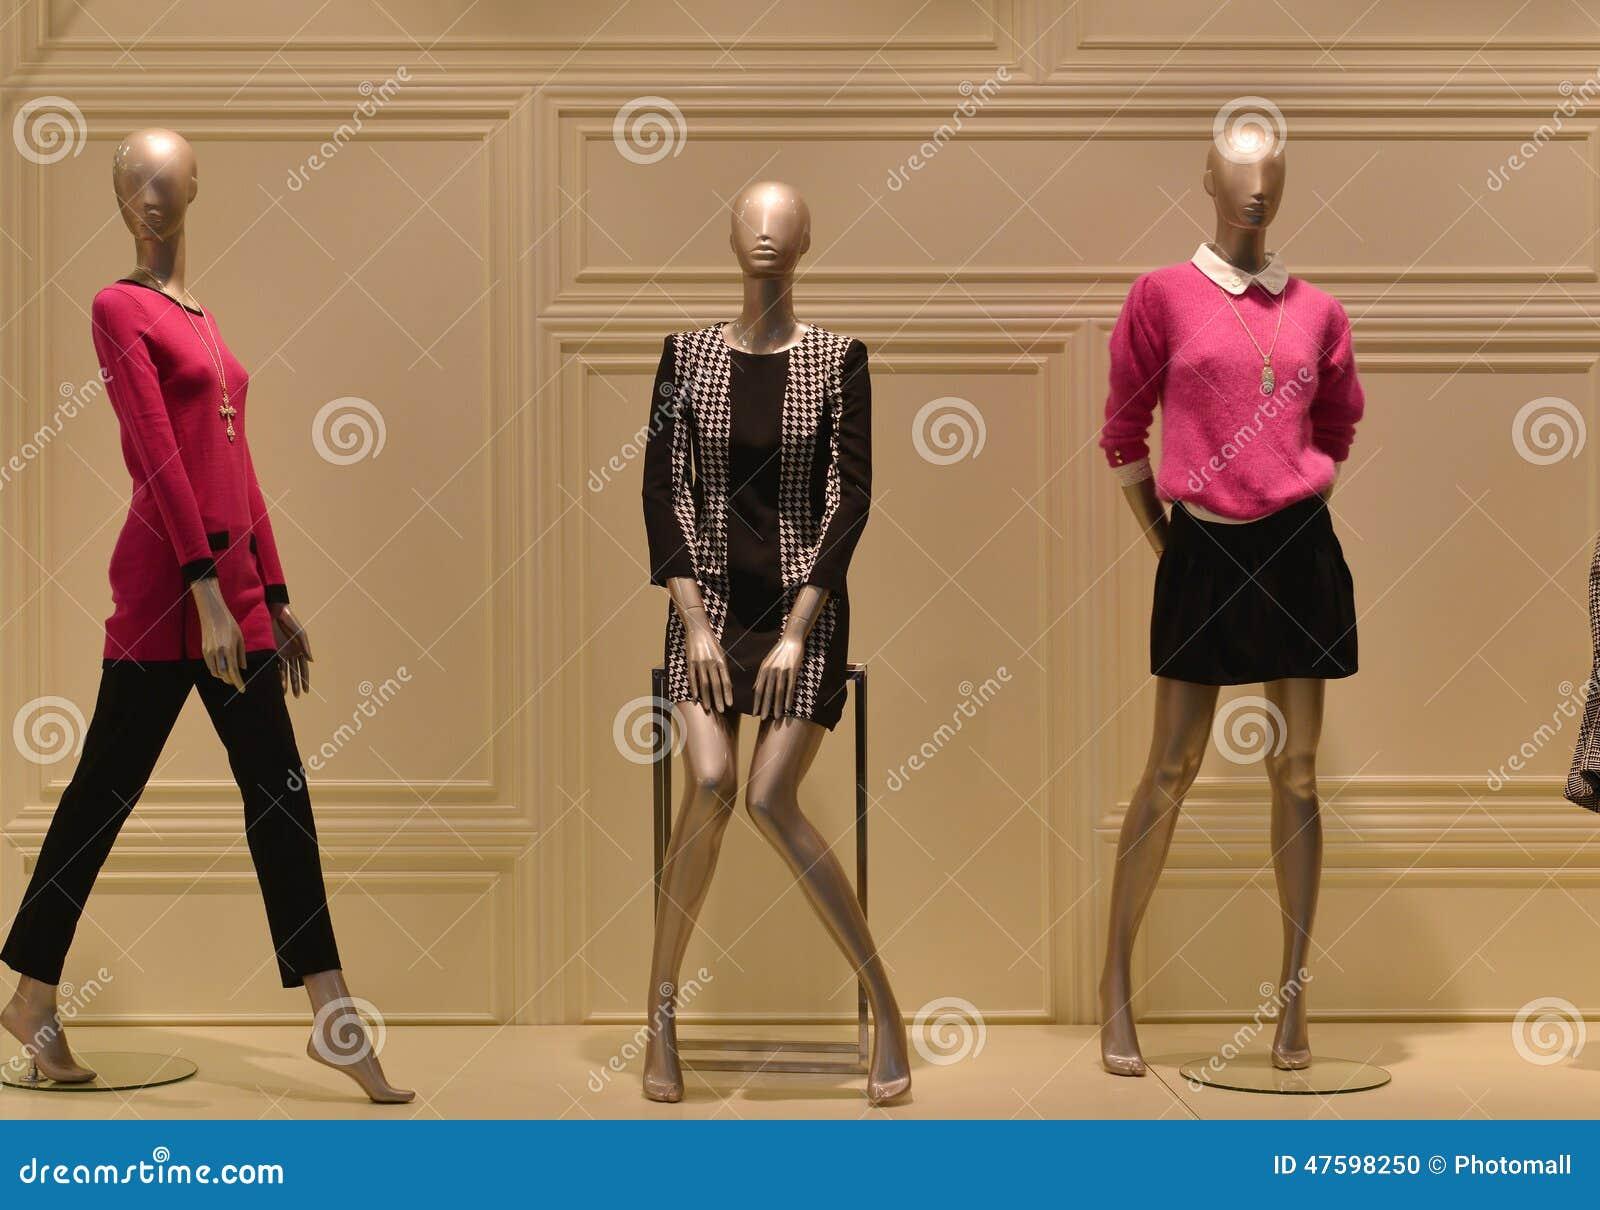 6363f8c74d95 Maniquíes Femeninos En Una Ventana De La Tienda De La Ropa De Moda ...